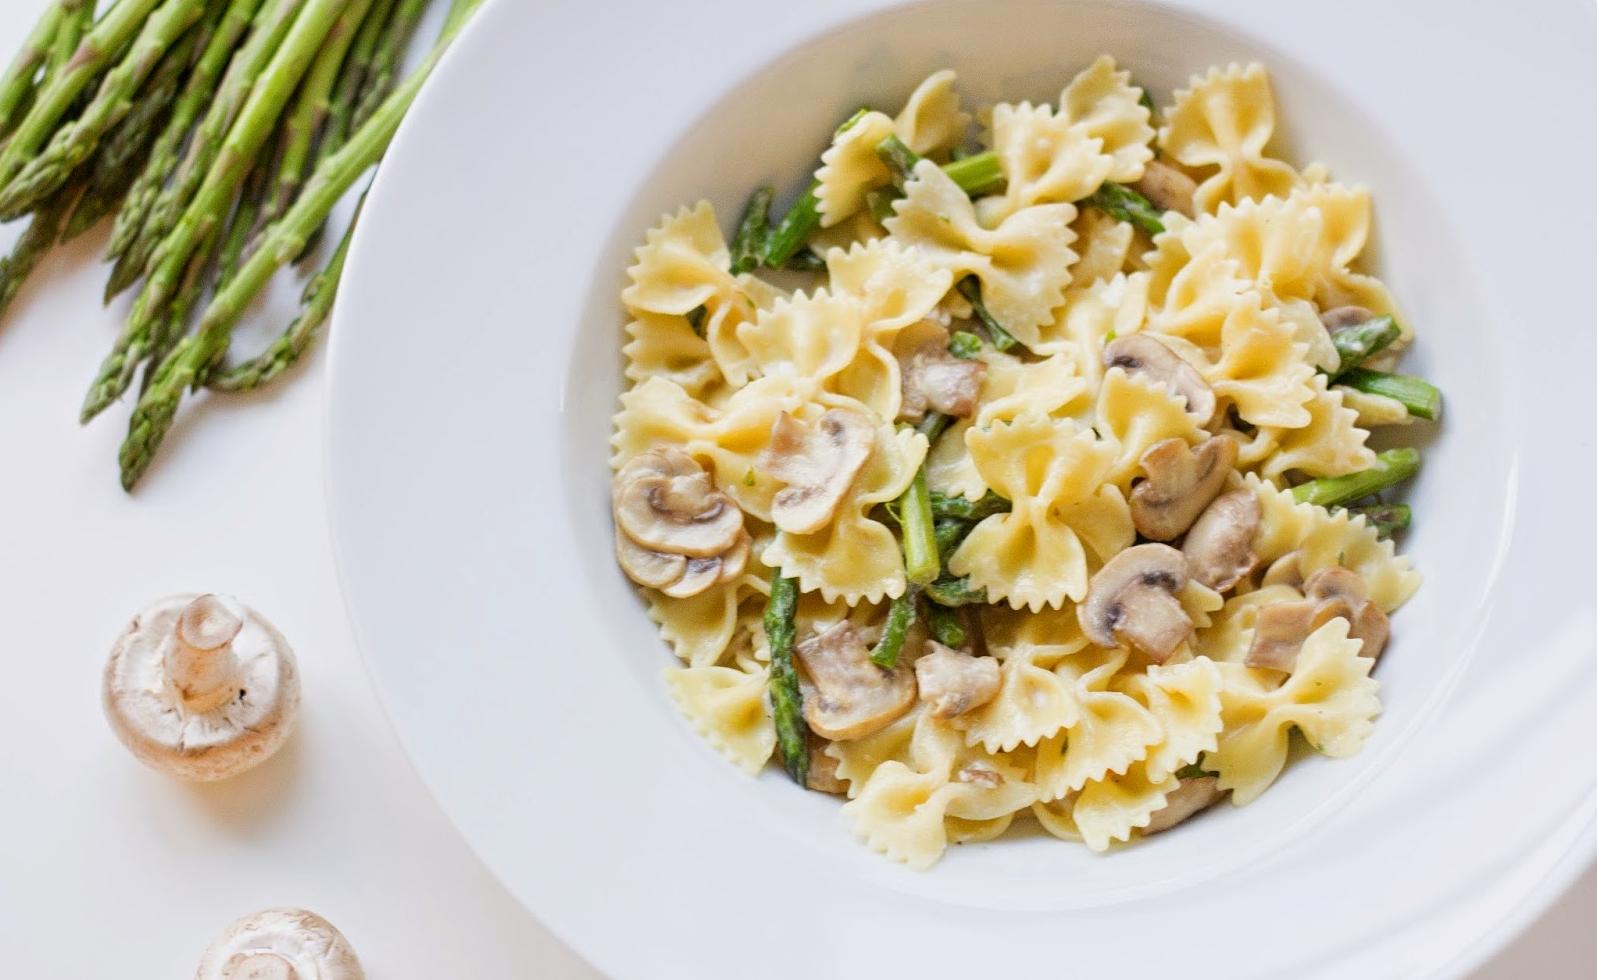 Рецепт для макарон в форме бабочек: паста фарфалле с грибами и сливочным соусом - фото №3